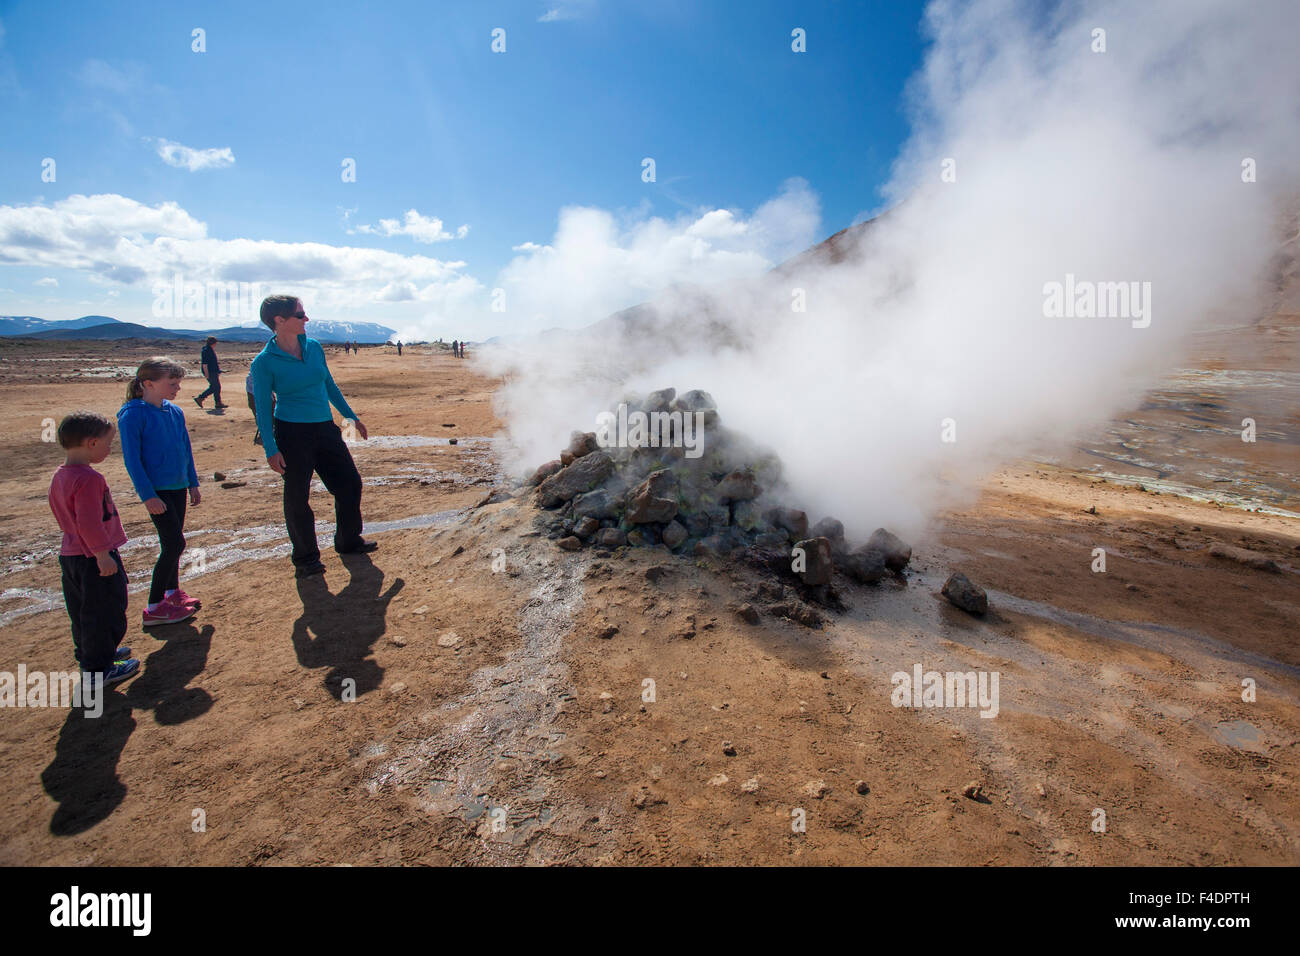 Besucher neben einem Dampfenden vulkanischen fumarole an Hverir, Myvatn, Nordhurland Eystra, Island. Stockbild